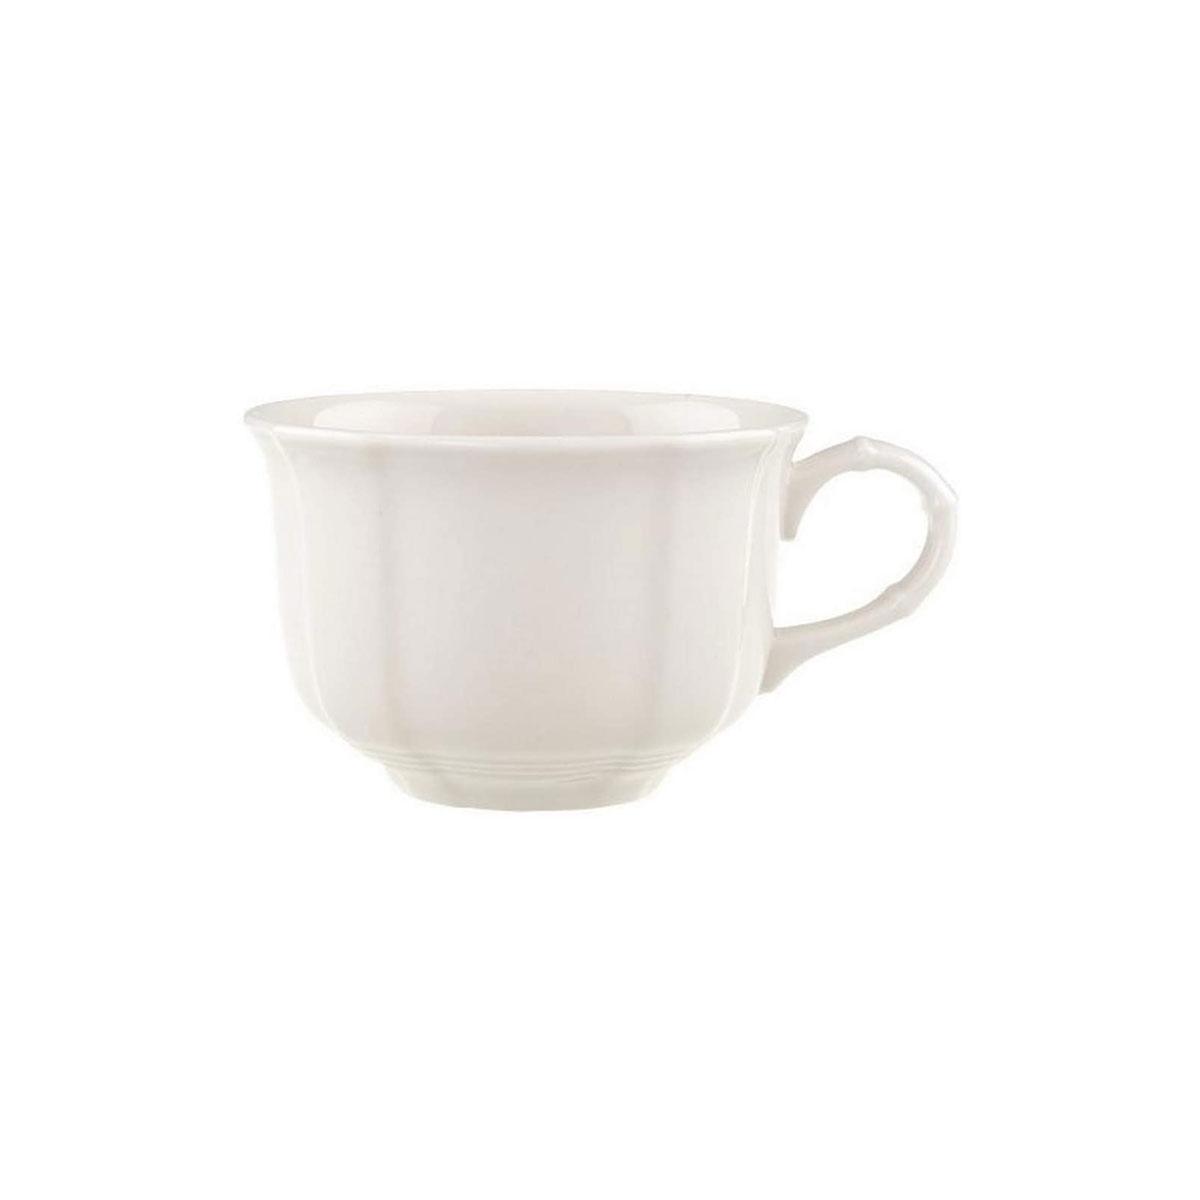 Villeroy and Boch Manoir Tea Cup, Single